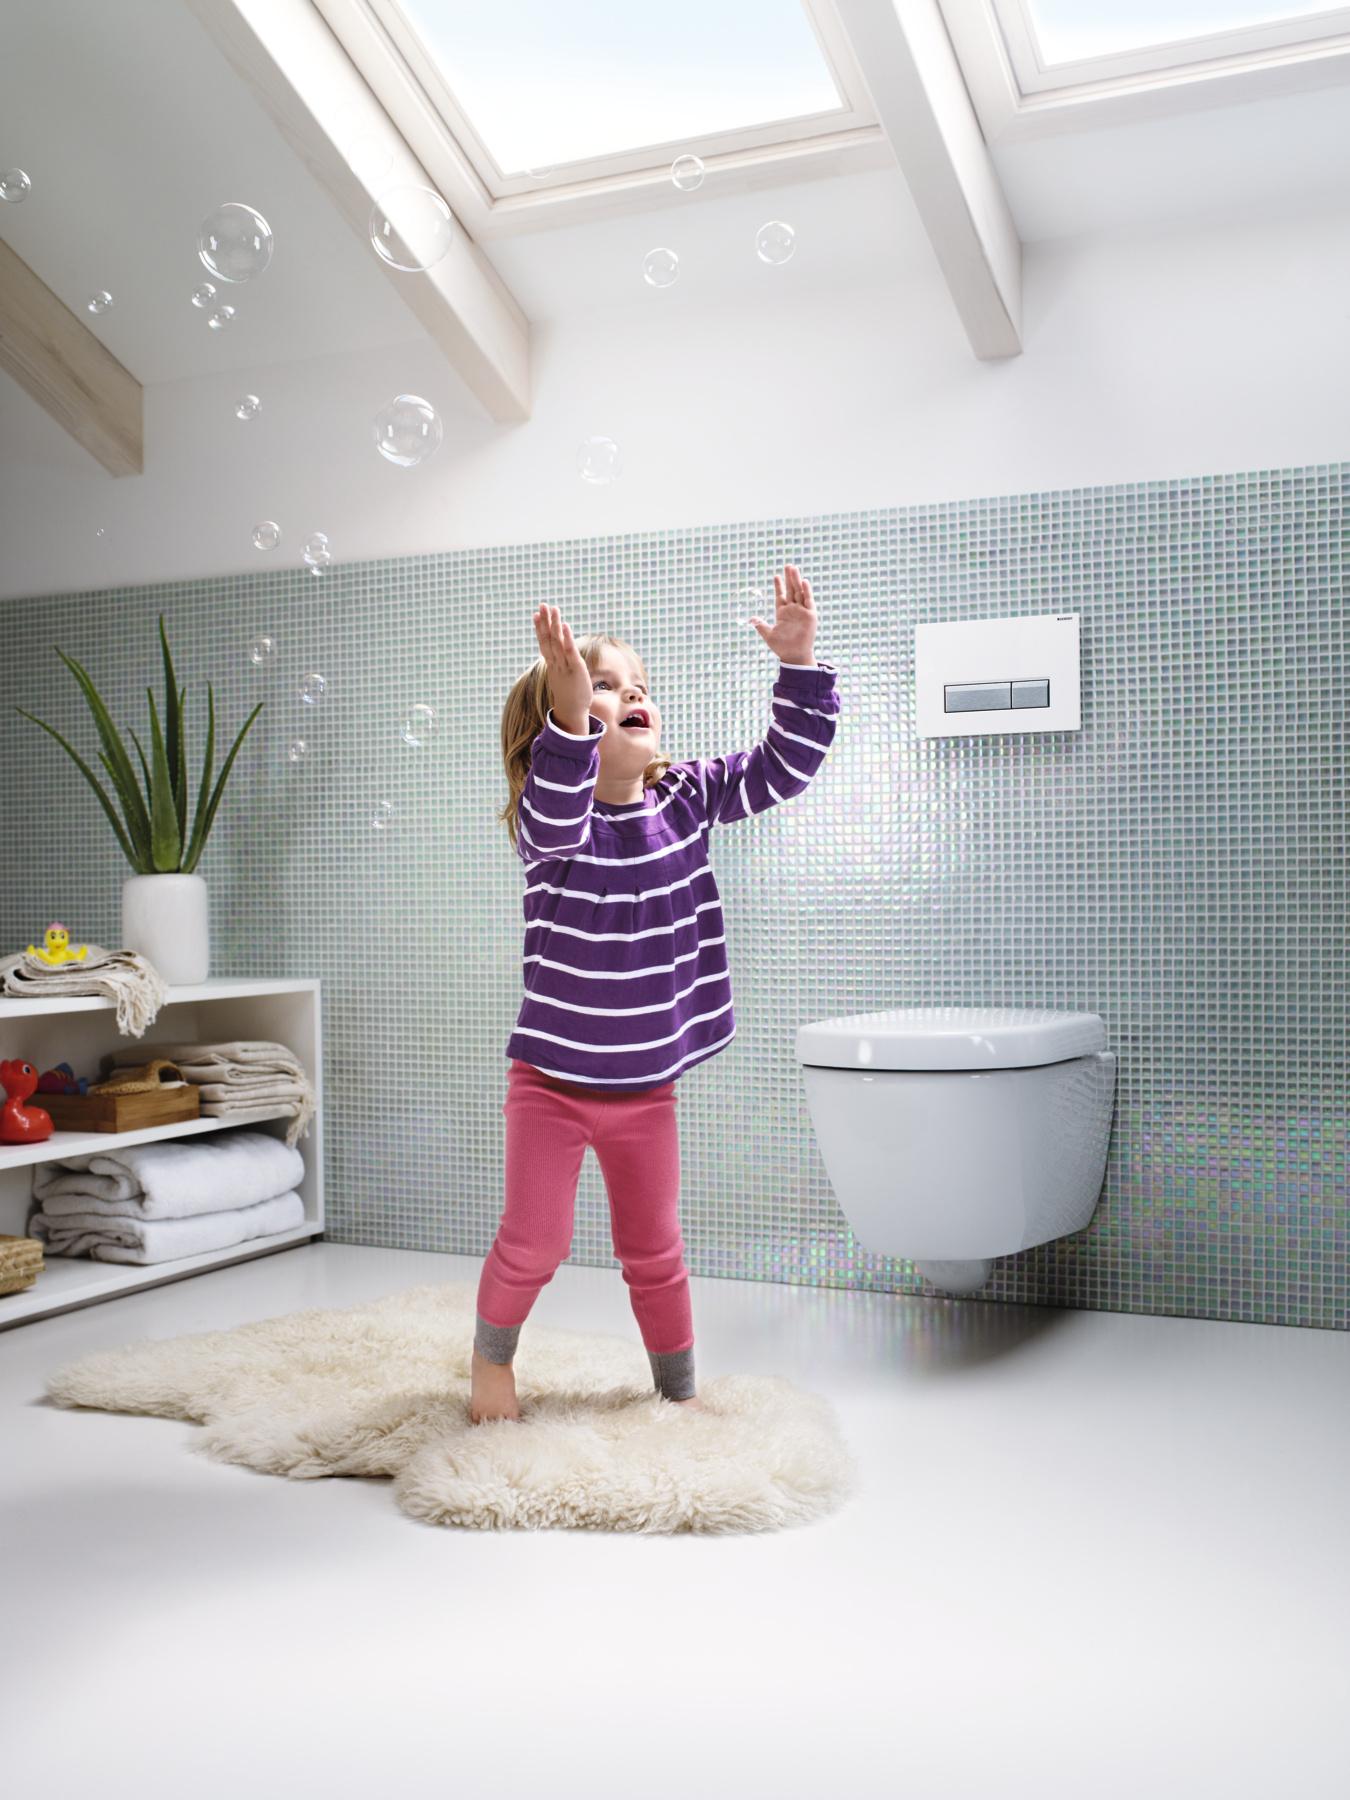 Vieze Stank In Badkamer ~   DuoFresh toiletsysteem hoeft stank op de wc niet meer te stinken